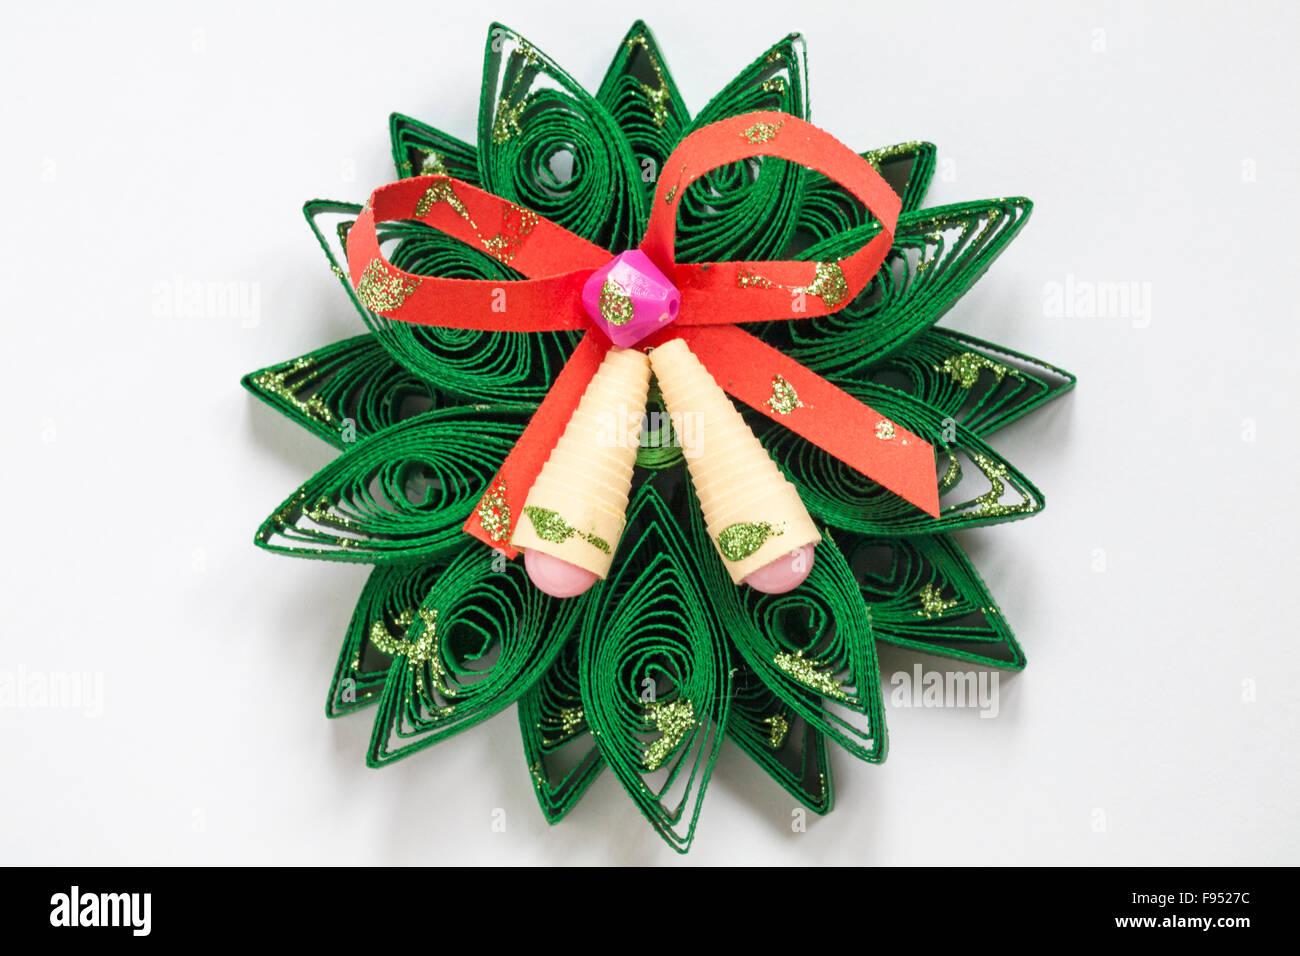 Decorazioni Natalizie Quilling.Carta Quilling Dettaglio Della Ghirlanda Di Natale Con Nastro E